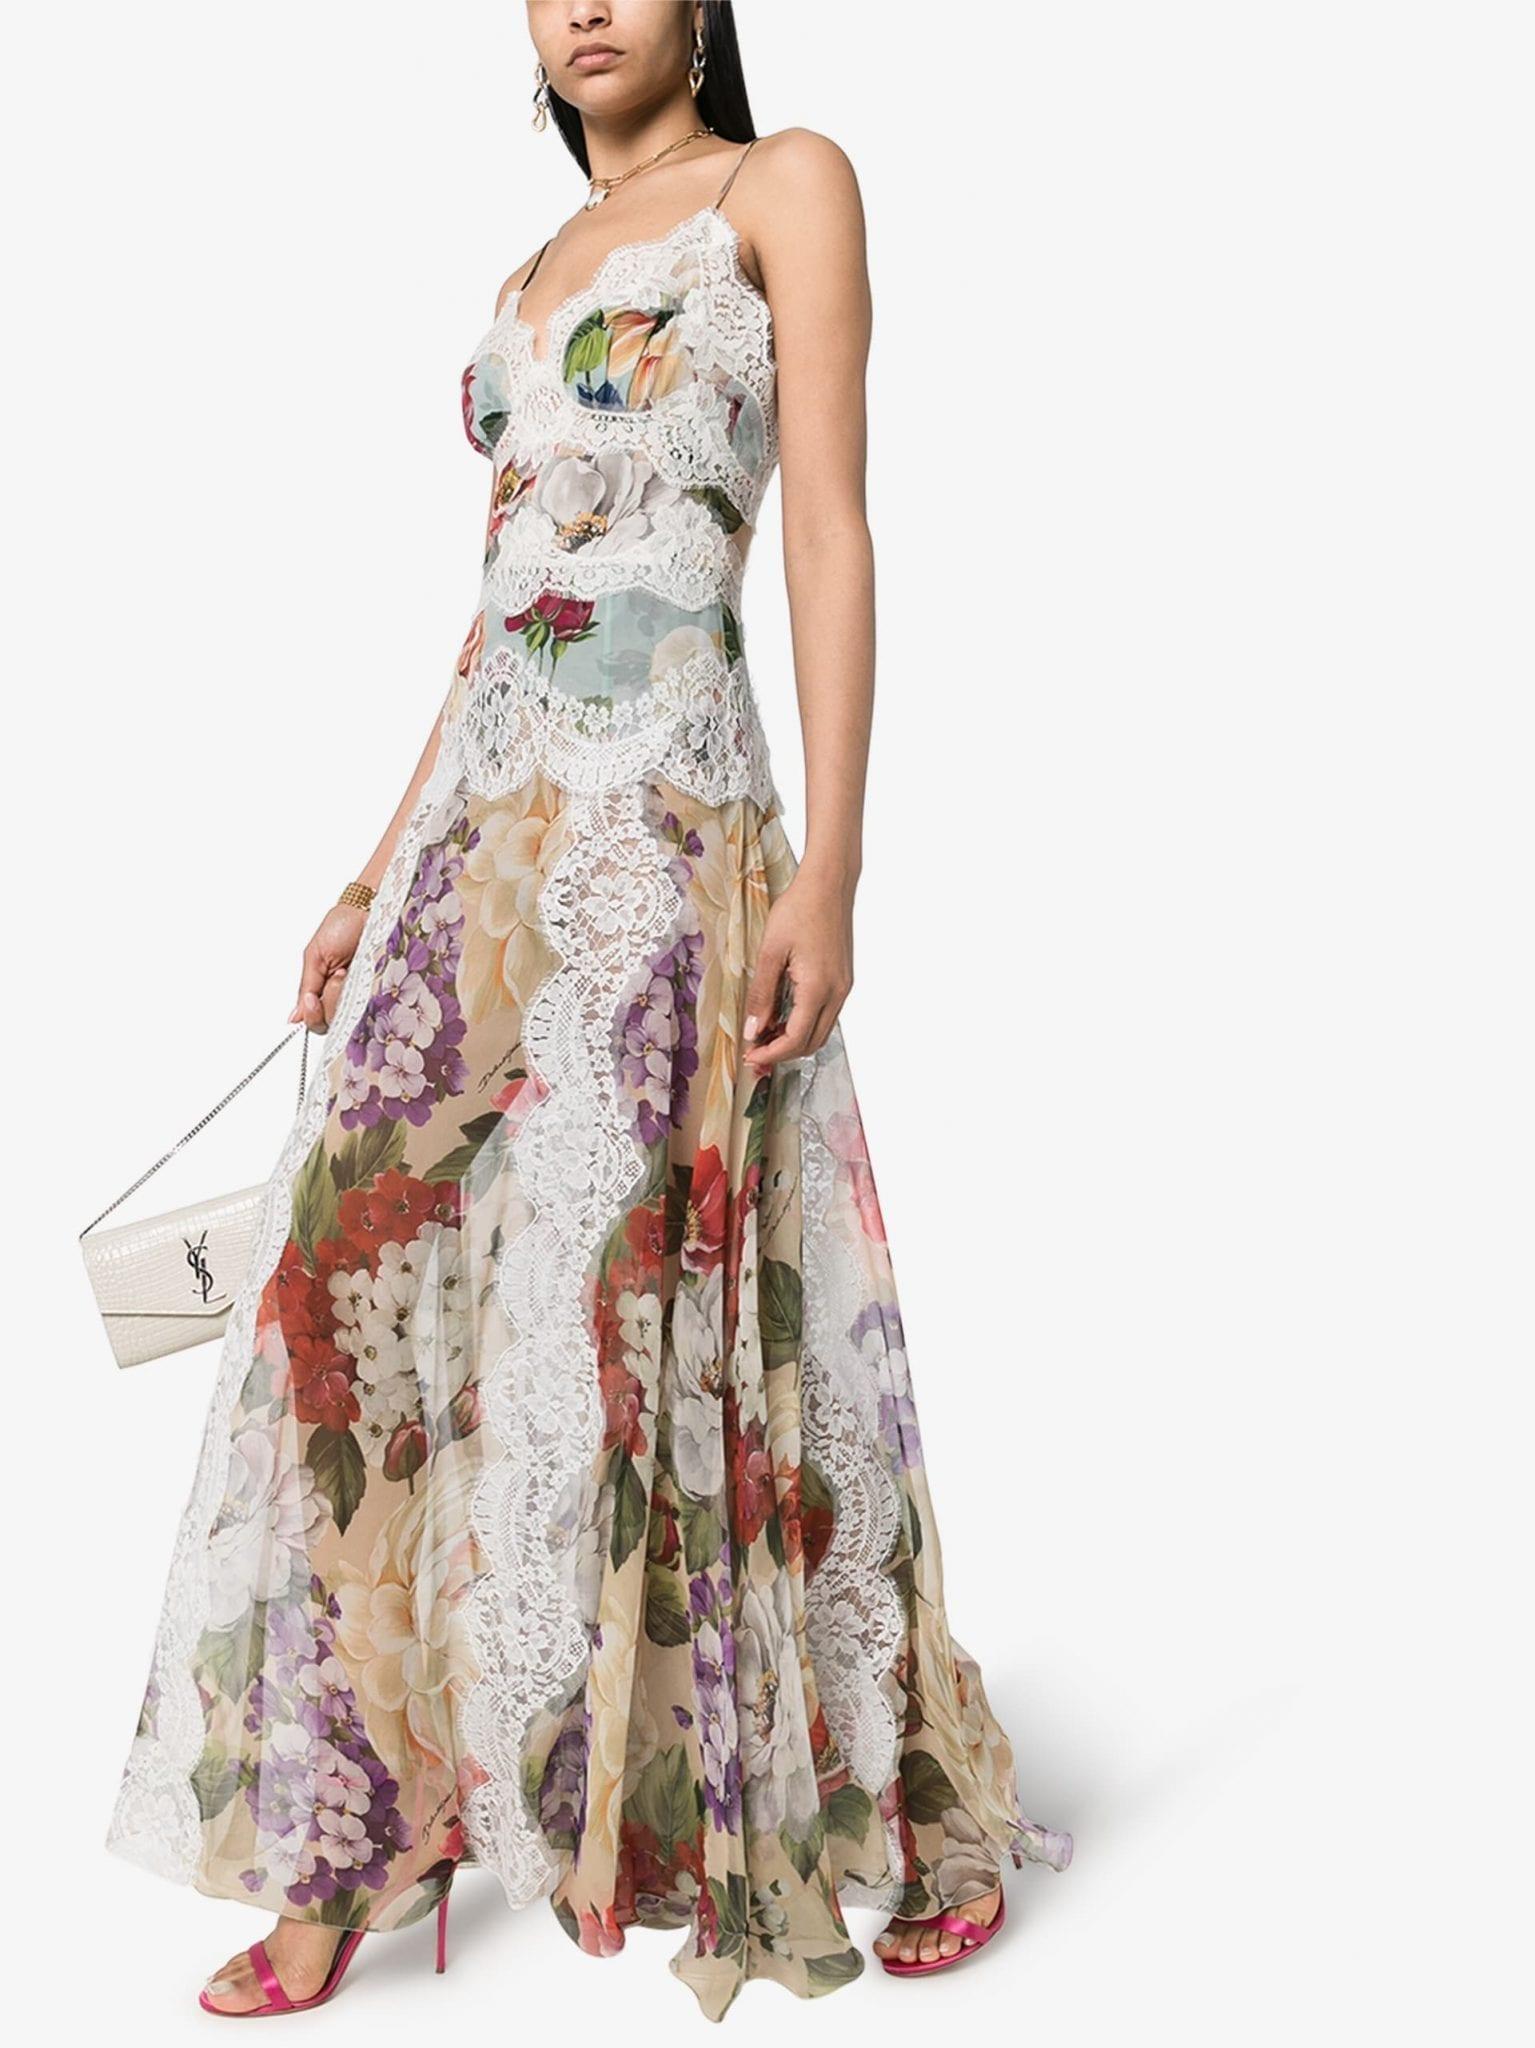 DOLCE & GABBANA Floral Lace Chiffon Slip Maxi Dress